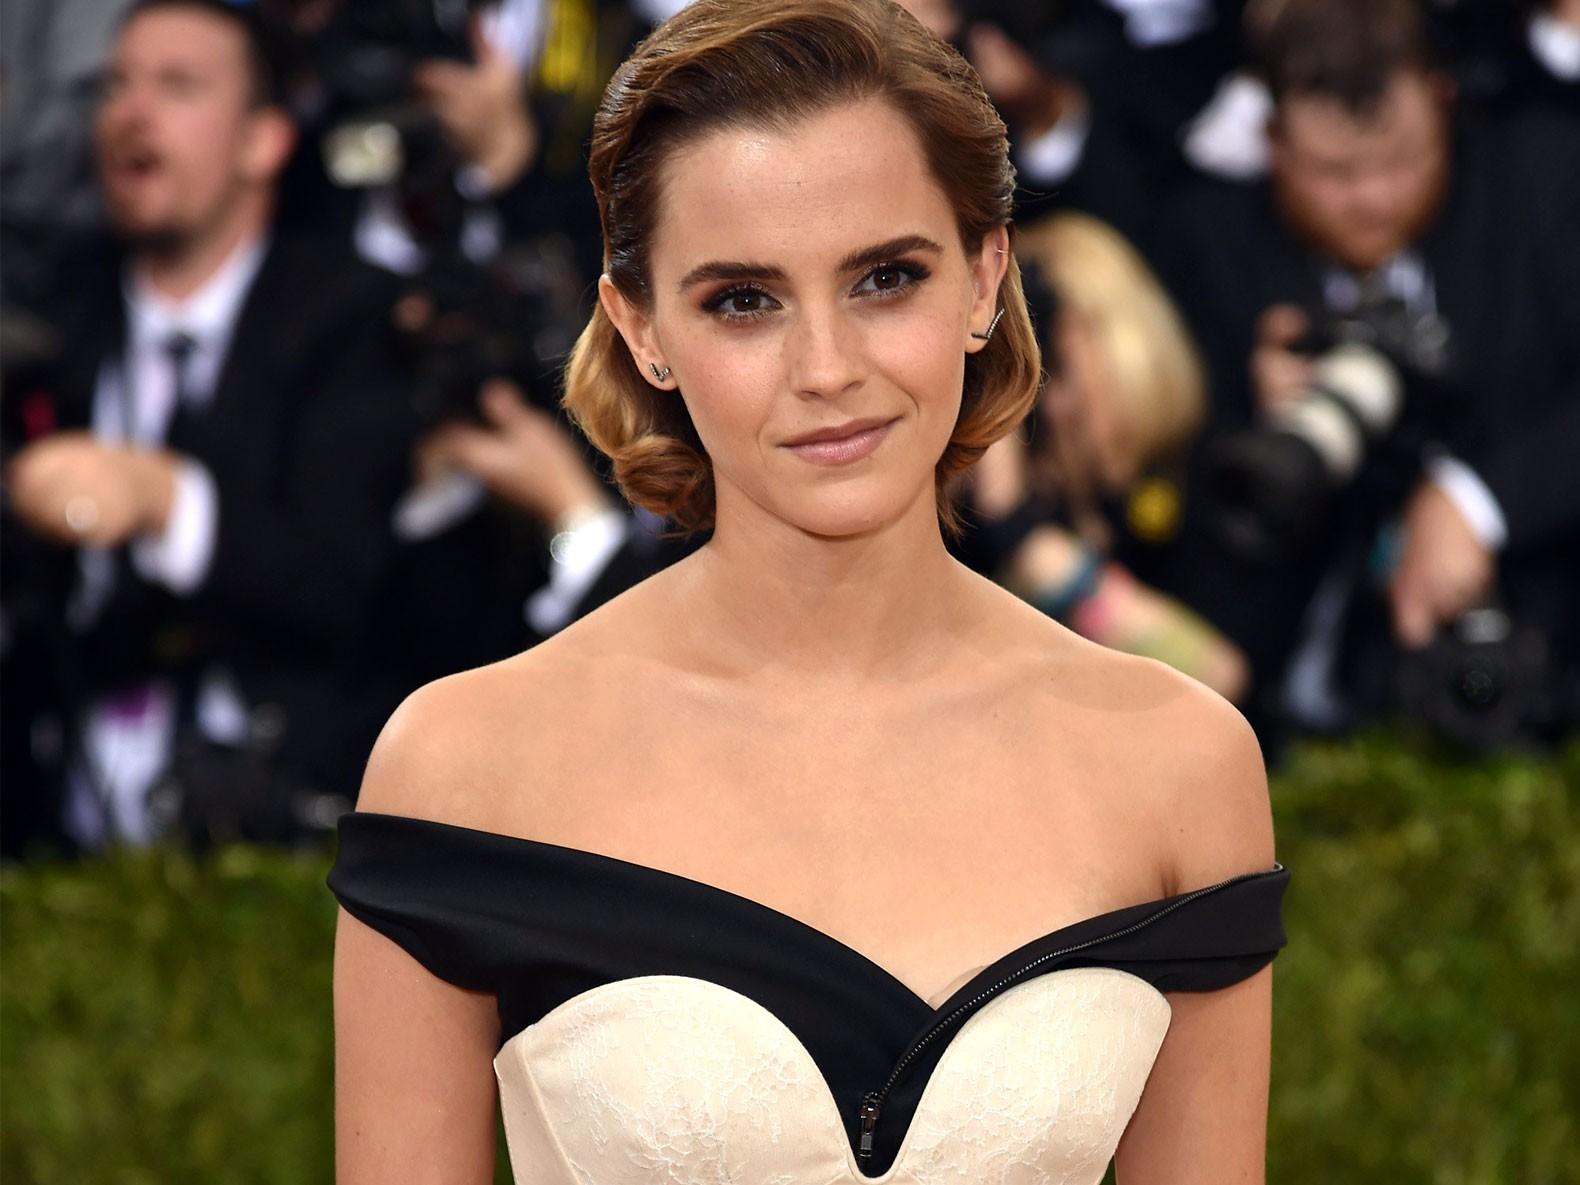 Hành trình tuột dốc nhan sắc của Emma Watson sau 18 năm: Ai ngờ Bông hoa đẹp nhất nước Anh lại chóng tàn đến vậy - Ảnh 14.